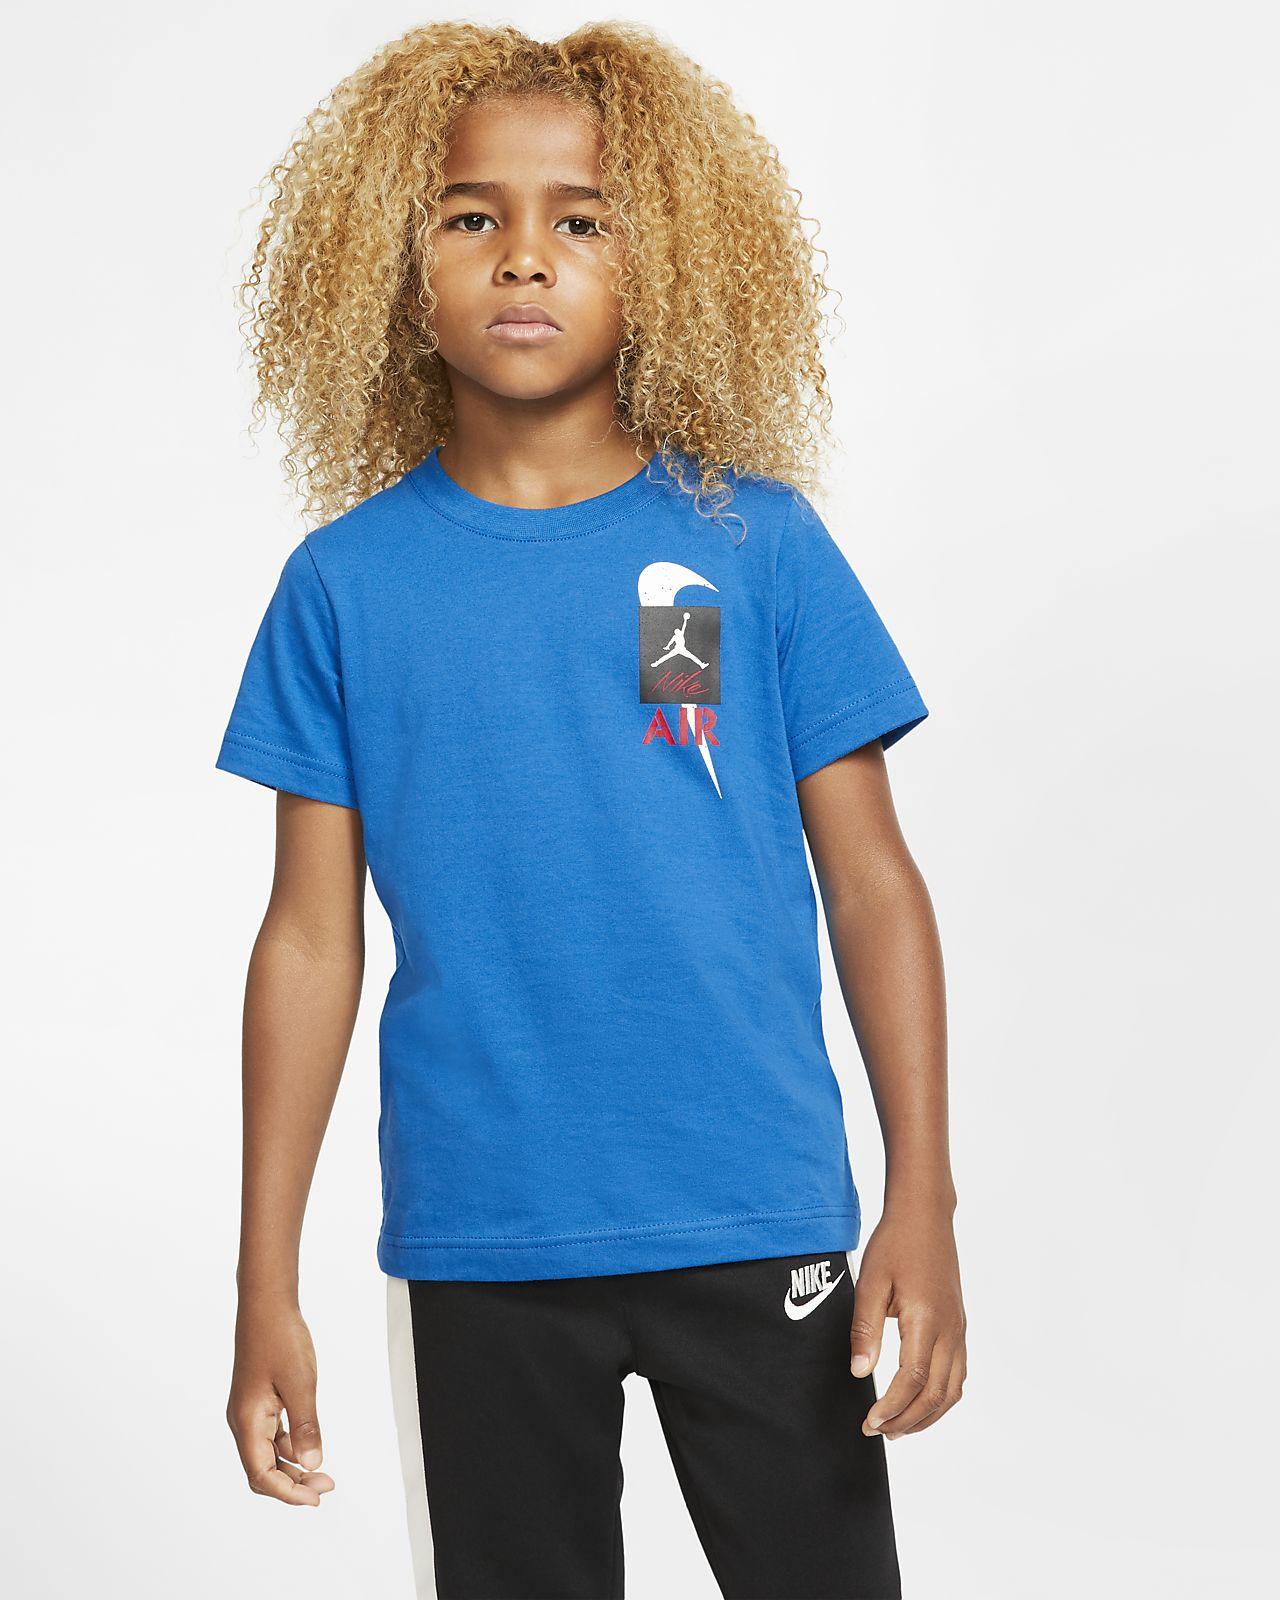 Air Jordan Samarreta de màniga curta - Nen/a petit/a